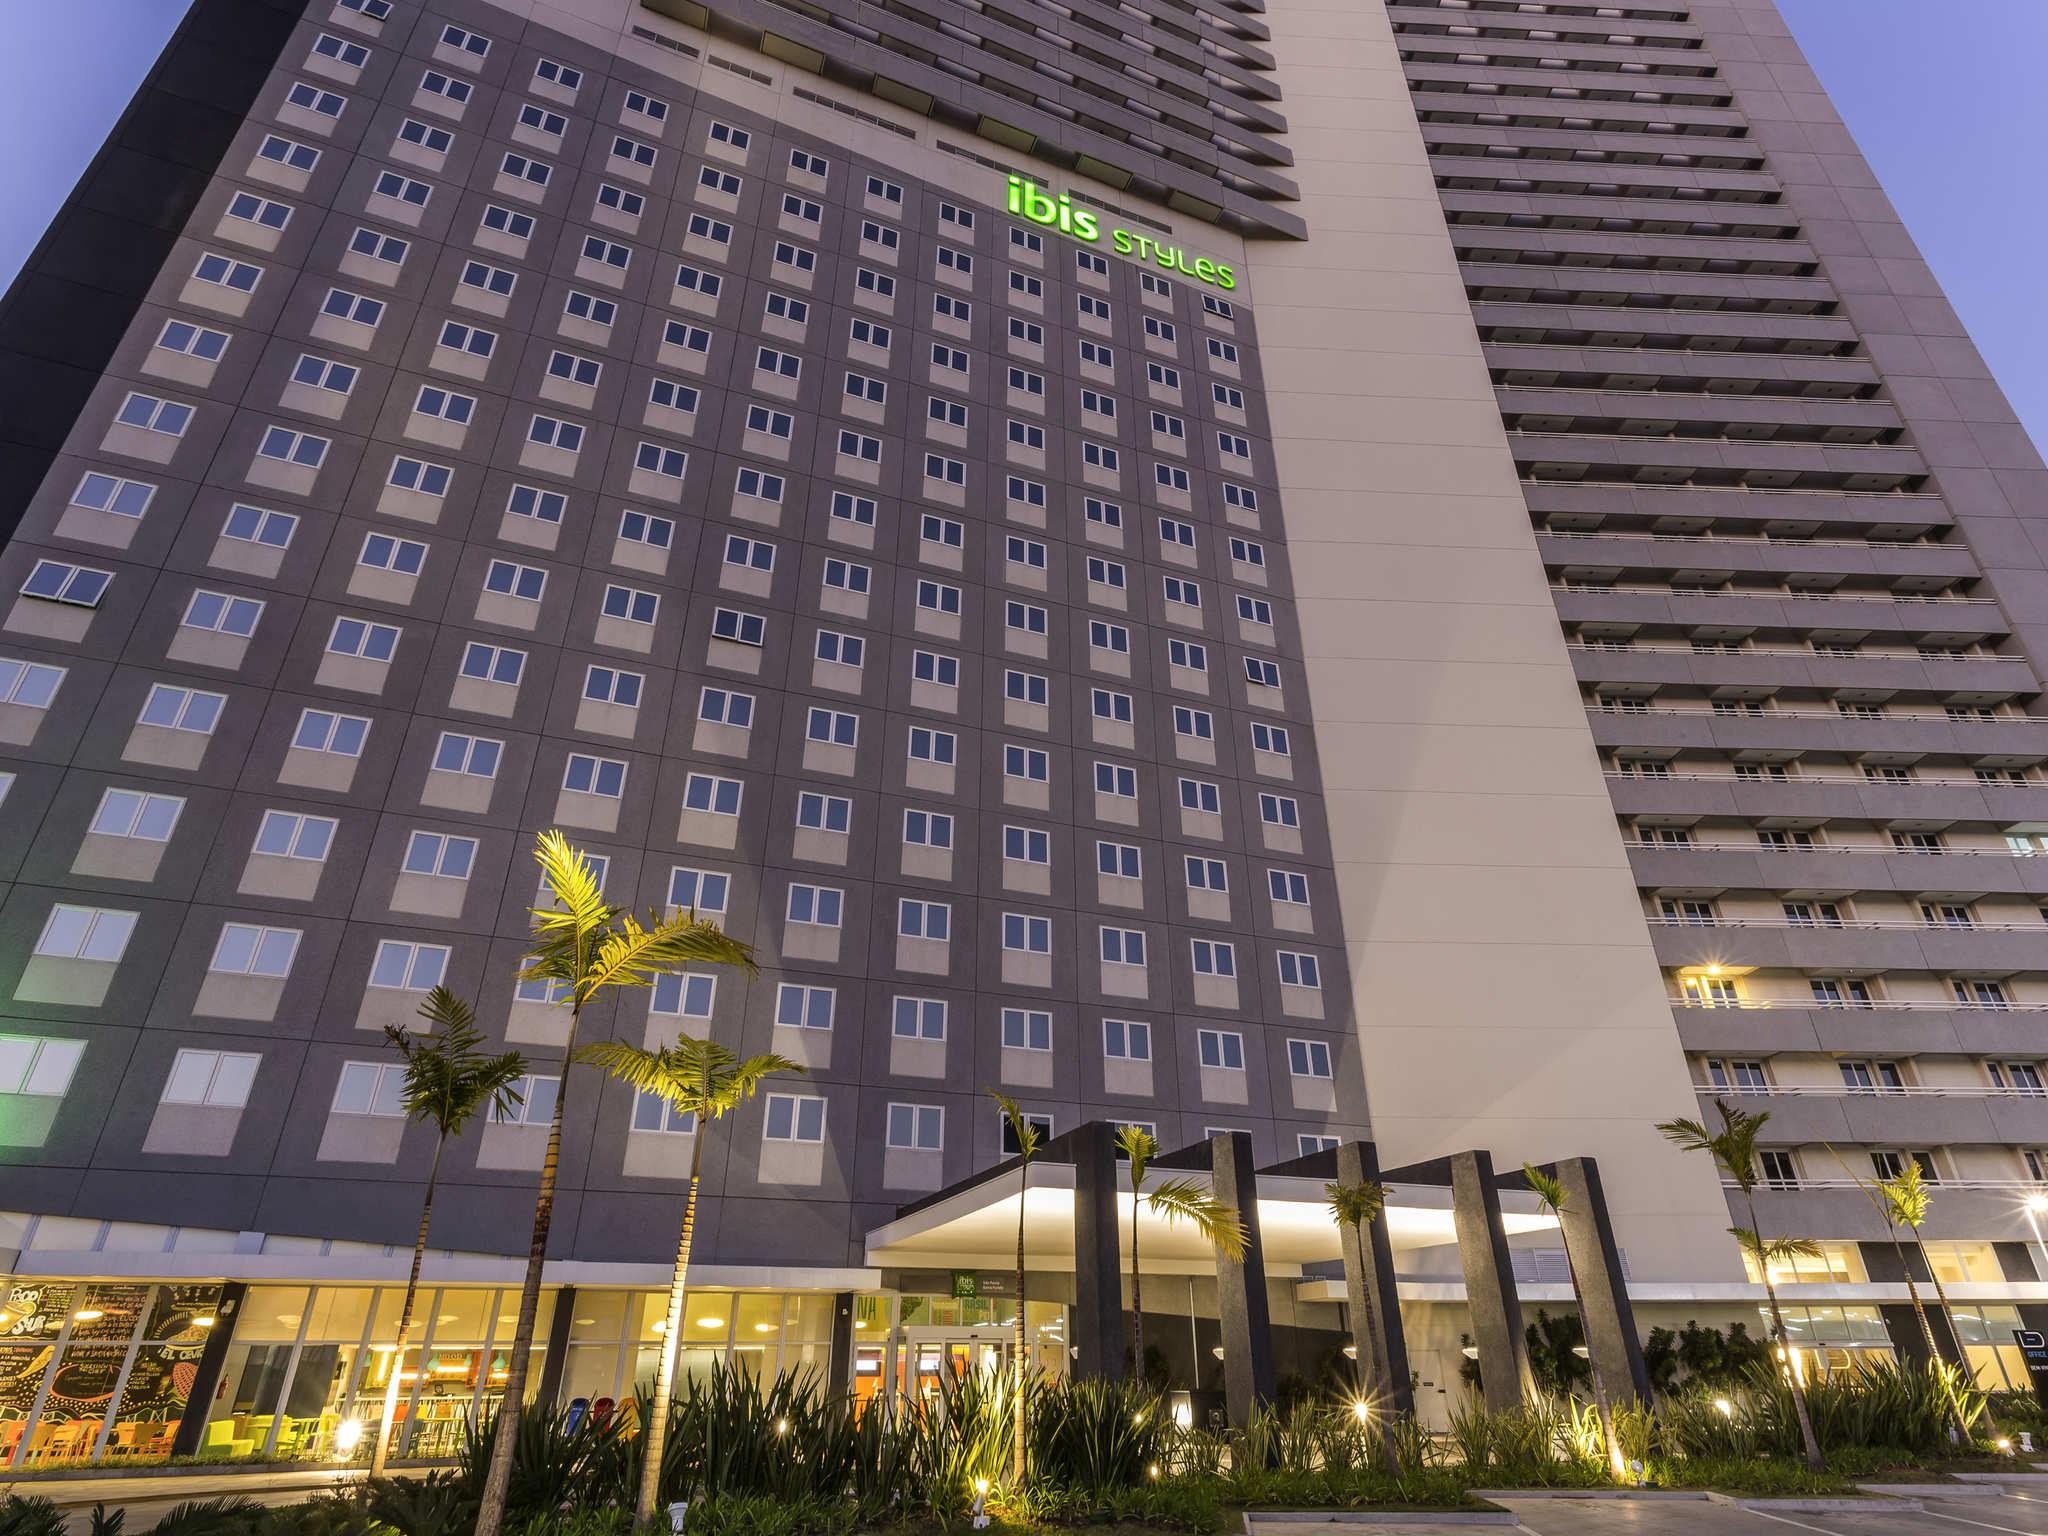 ホテル – イビス スタイルズ サンパウロ バハフンダ